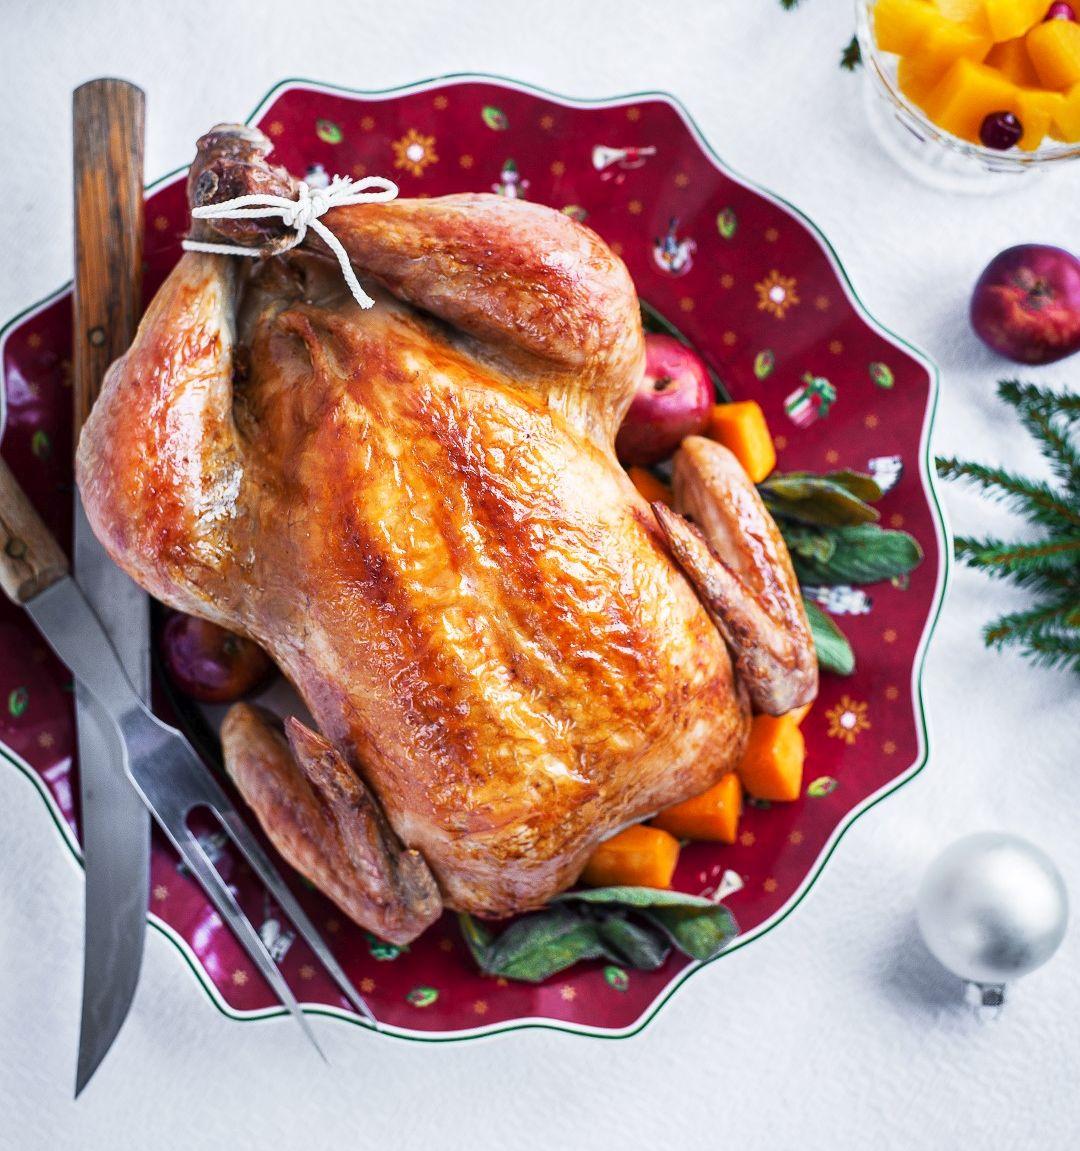 RETSEPTISOOVITUS! Anni Rahula jõululauda ehib puuviljade, kõrvitsa ja kruupidega täidetud ahjukana